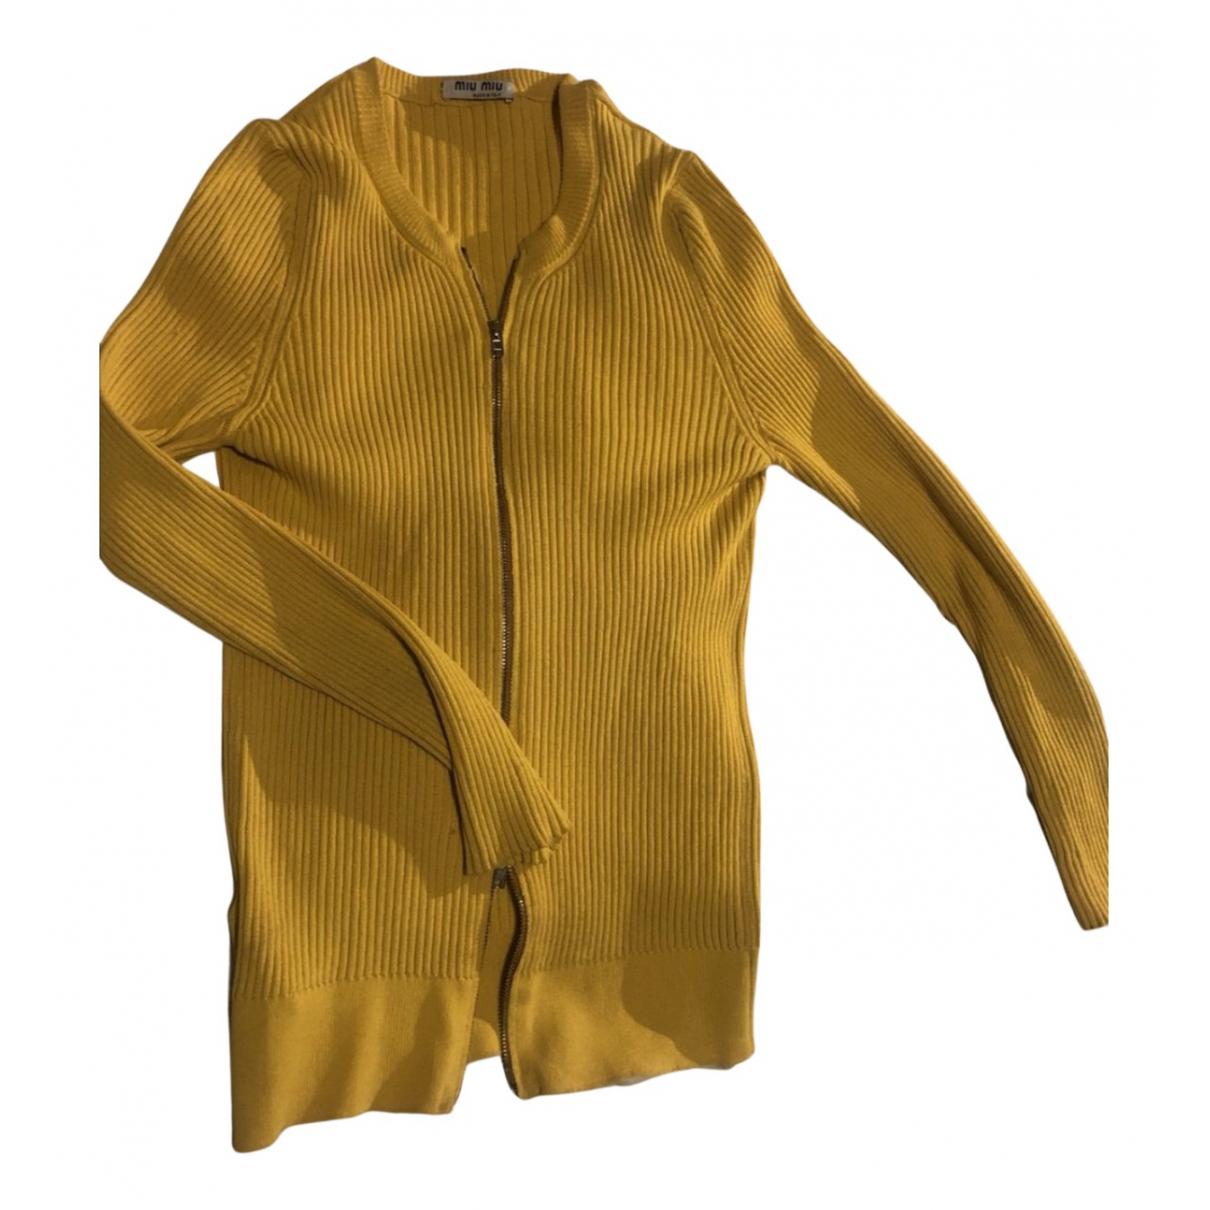 Miu Miu - Top   pour femme - jaune